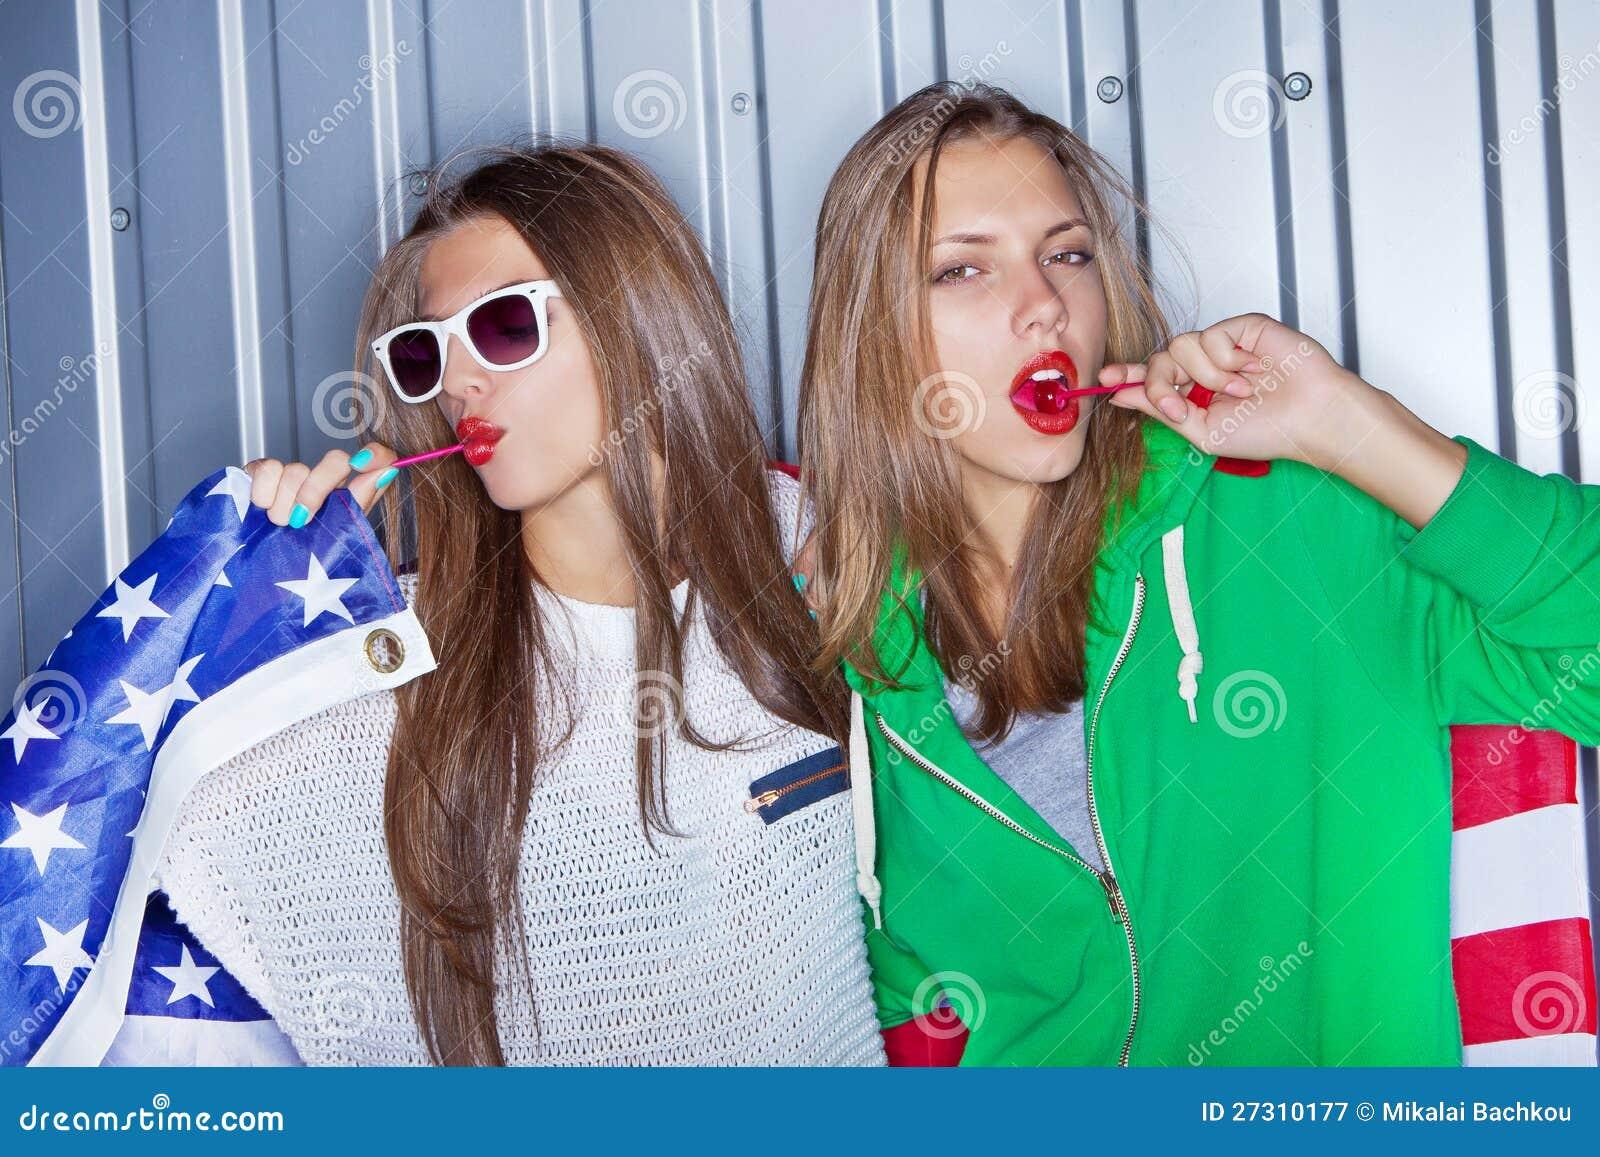 Does Russian teen lollipop